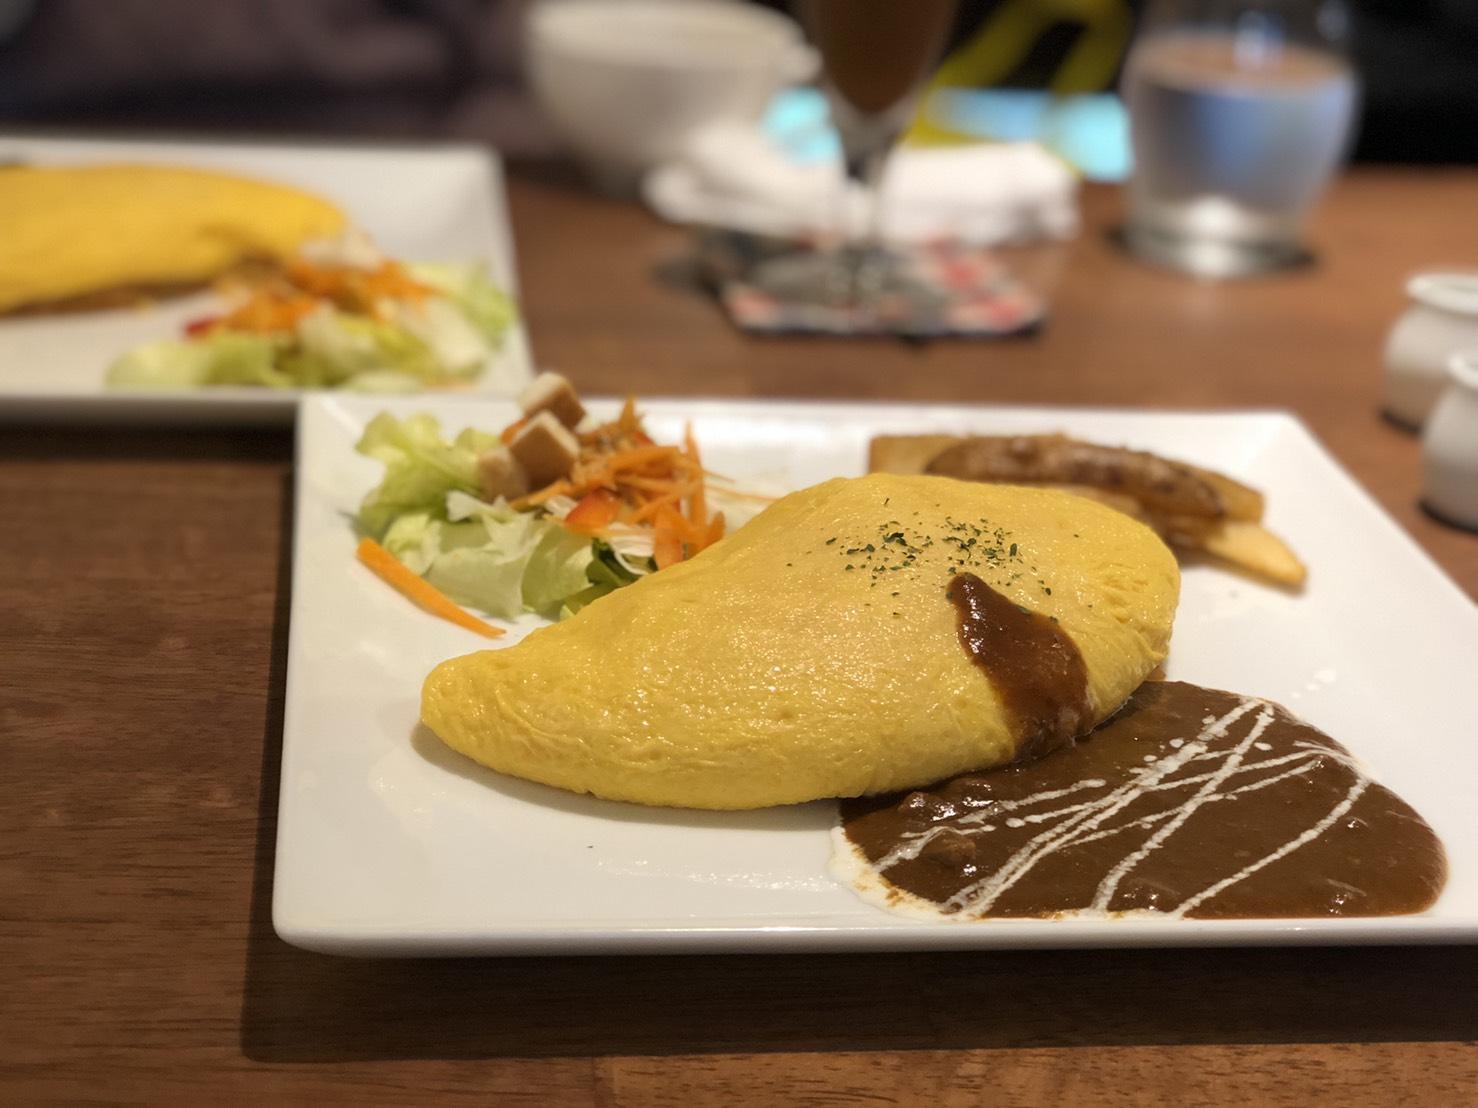 本山│名古屋コーチンを使用したふわとろオムライスが魅力的な隠れ家カフェ